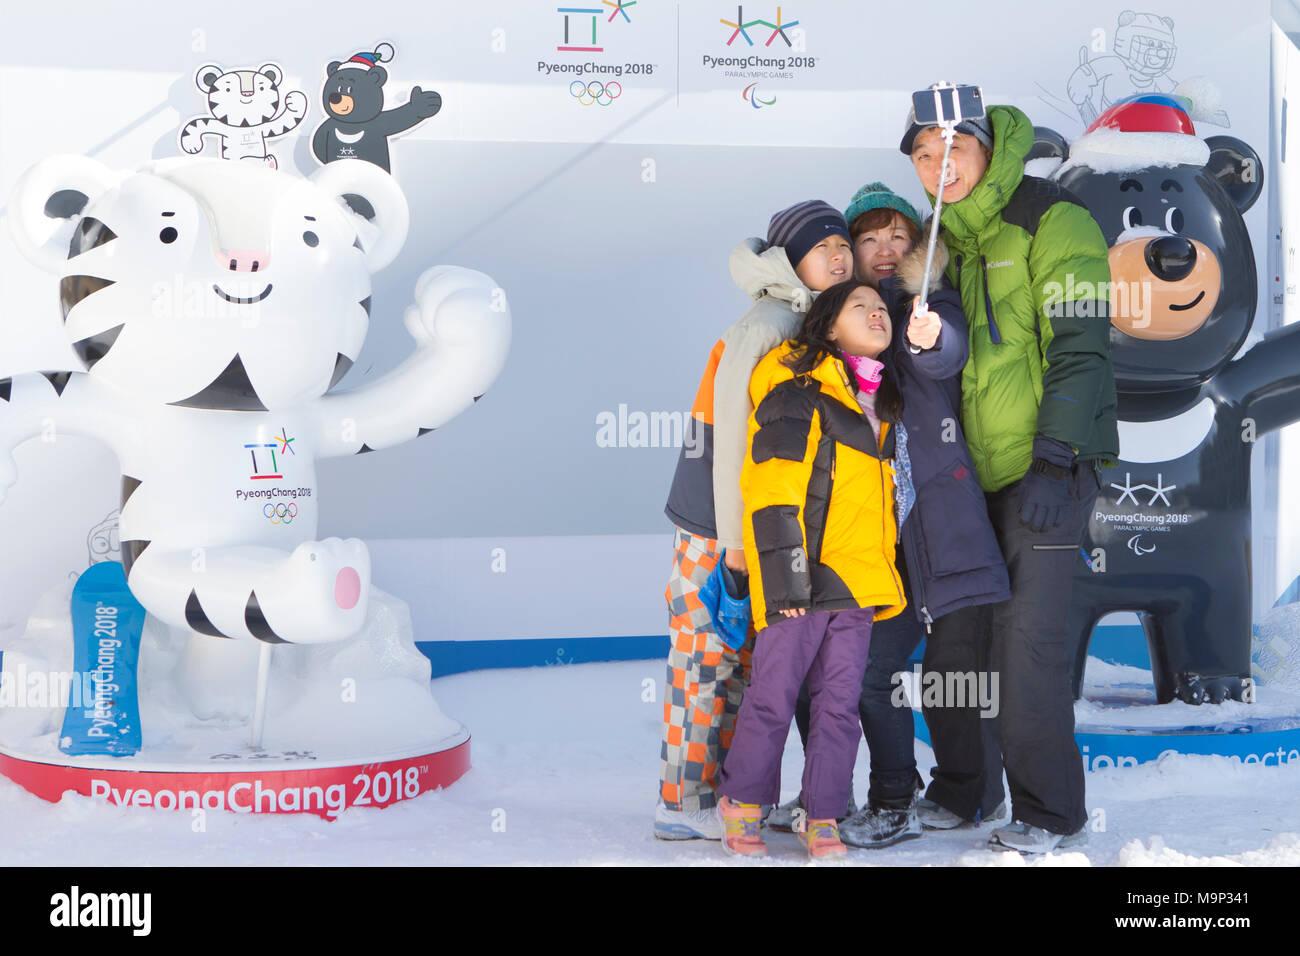 Una famiglia sta prendendo un gruppo selfie in Alpensia Resort, con le due mascotte (Soohorang e Bandabi) del 2018 Olimpiadi e Paraolimpiadi invernali. Il Alpensia Resort è una località sciistica e una attrazione turistica. Esso si trova sul territorio del comune di Daegwallyeong-myeon, nella contea di Pyeongchang, ospitando le Olimpiadi Invernali nel febbraio 2018. La stazione sciistica è di circa 2 ore e mezzo da Seoul o dall'Aeroporto di Incheon in auto, prevalentemente tutti autostrada. Alpensia dispone di 6 piste per lo sci e lo snowboard, con corse fino a 1,4 km (0,87 mi) lungo, per principianti e progrediti e un Immagini Stock